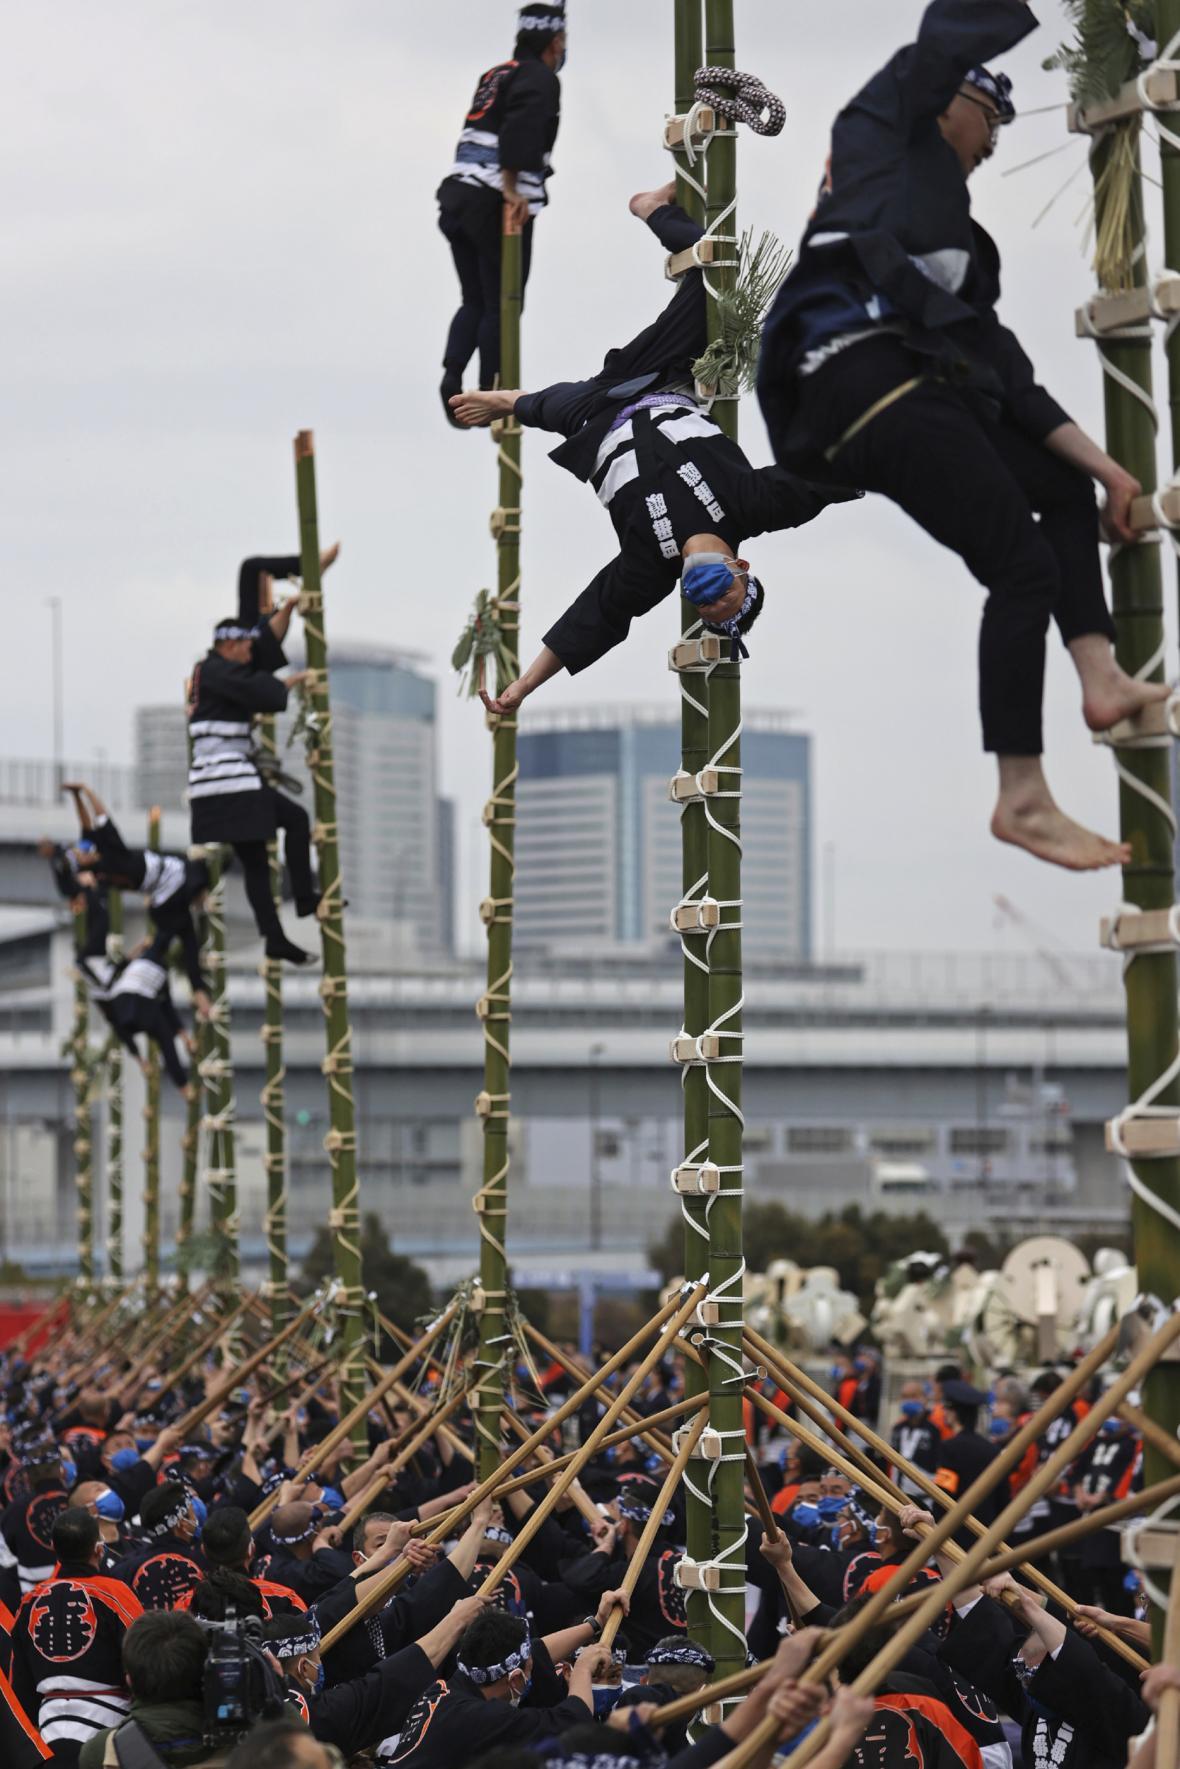 Speciální jednotka japonských hasičů předvedla své akrobatické umění během přehlídky v Tokiu